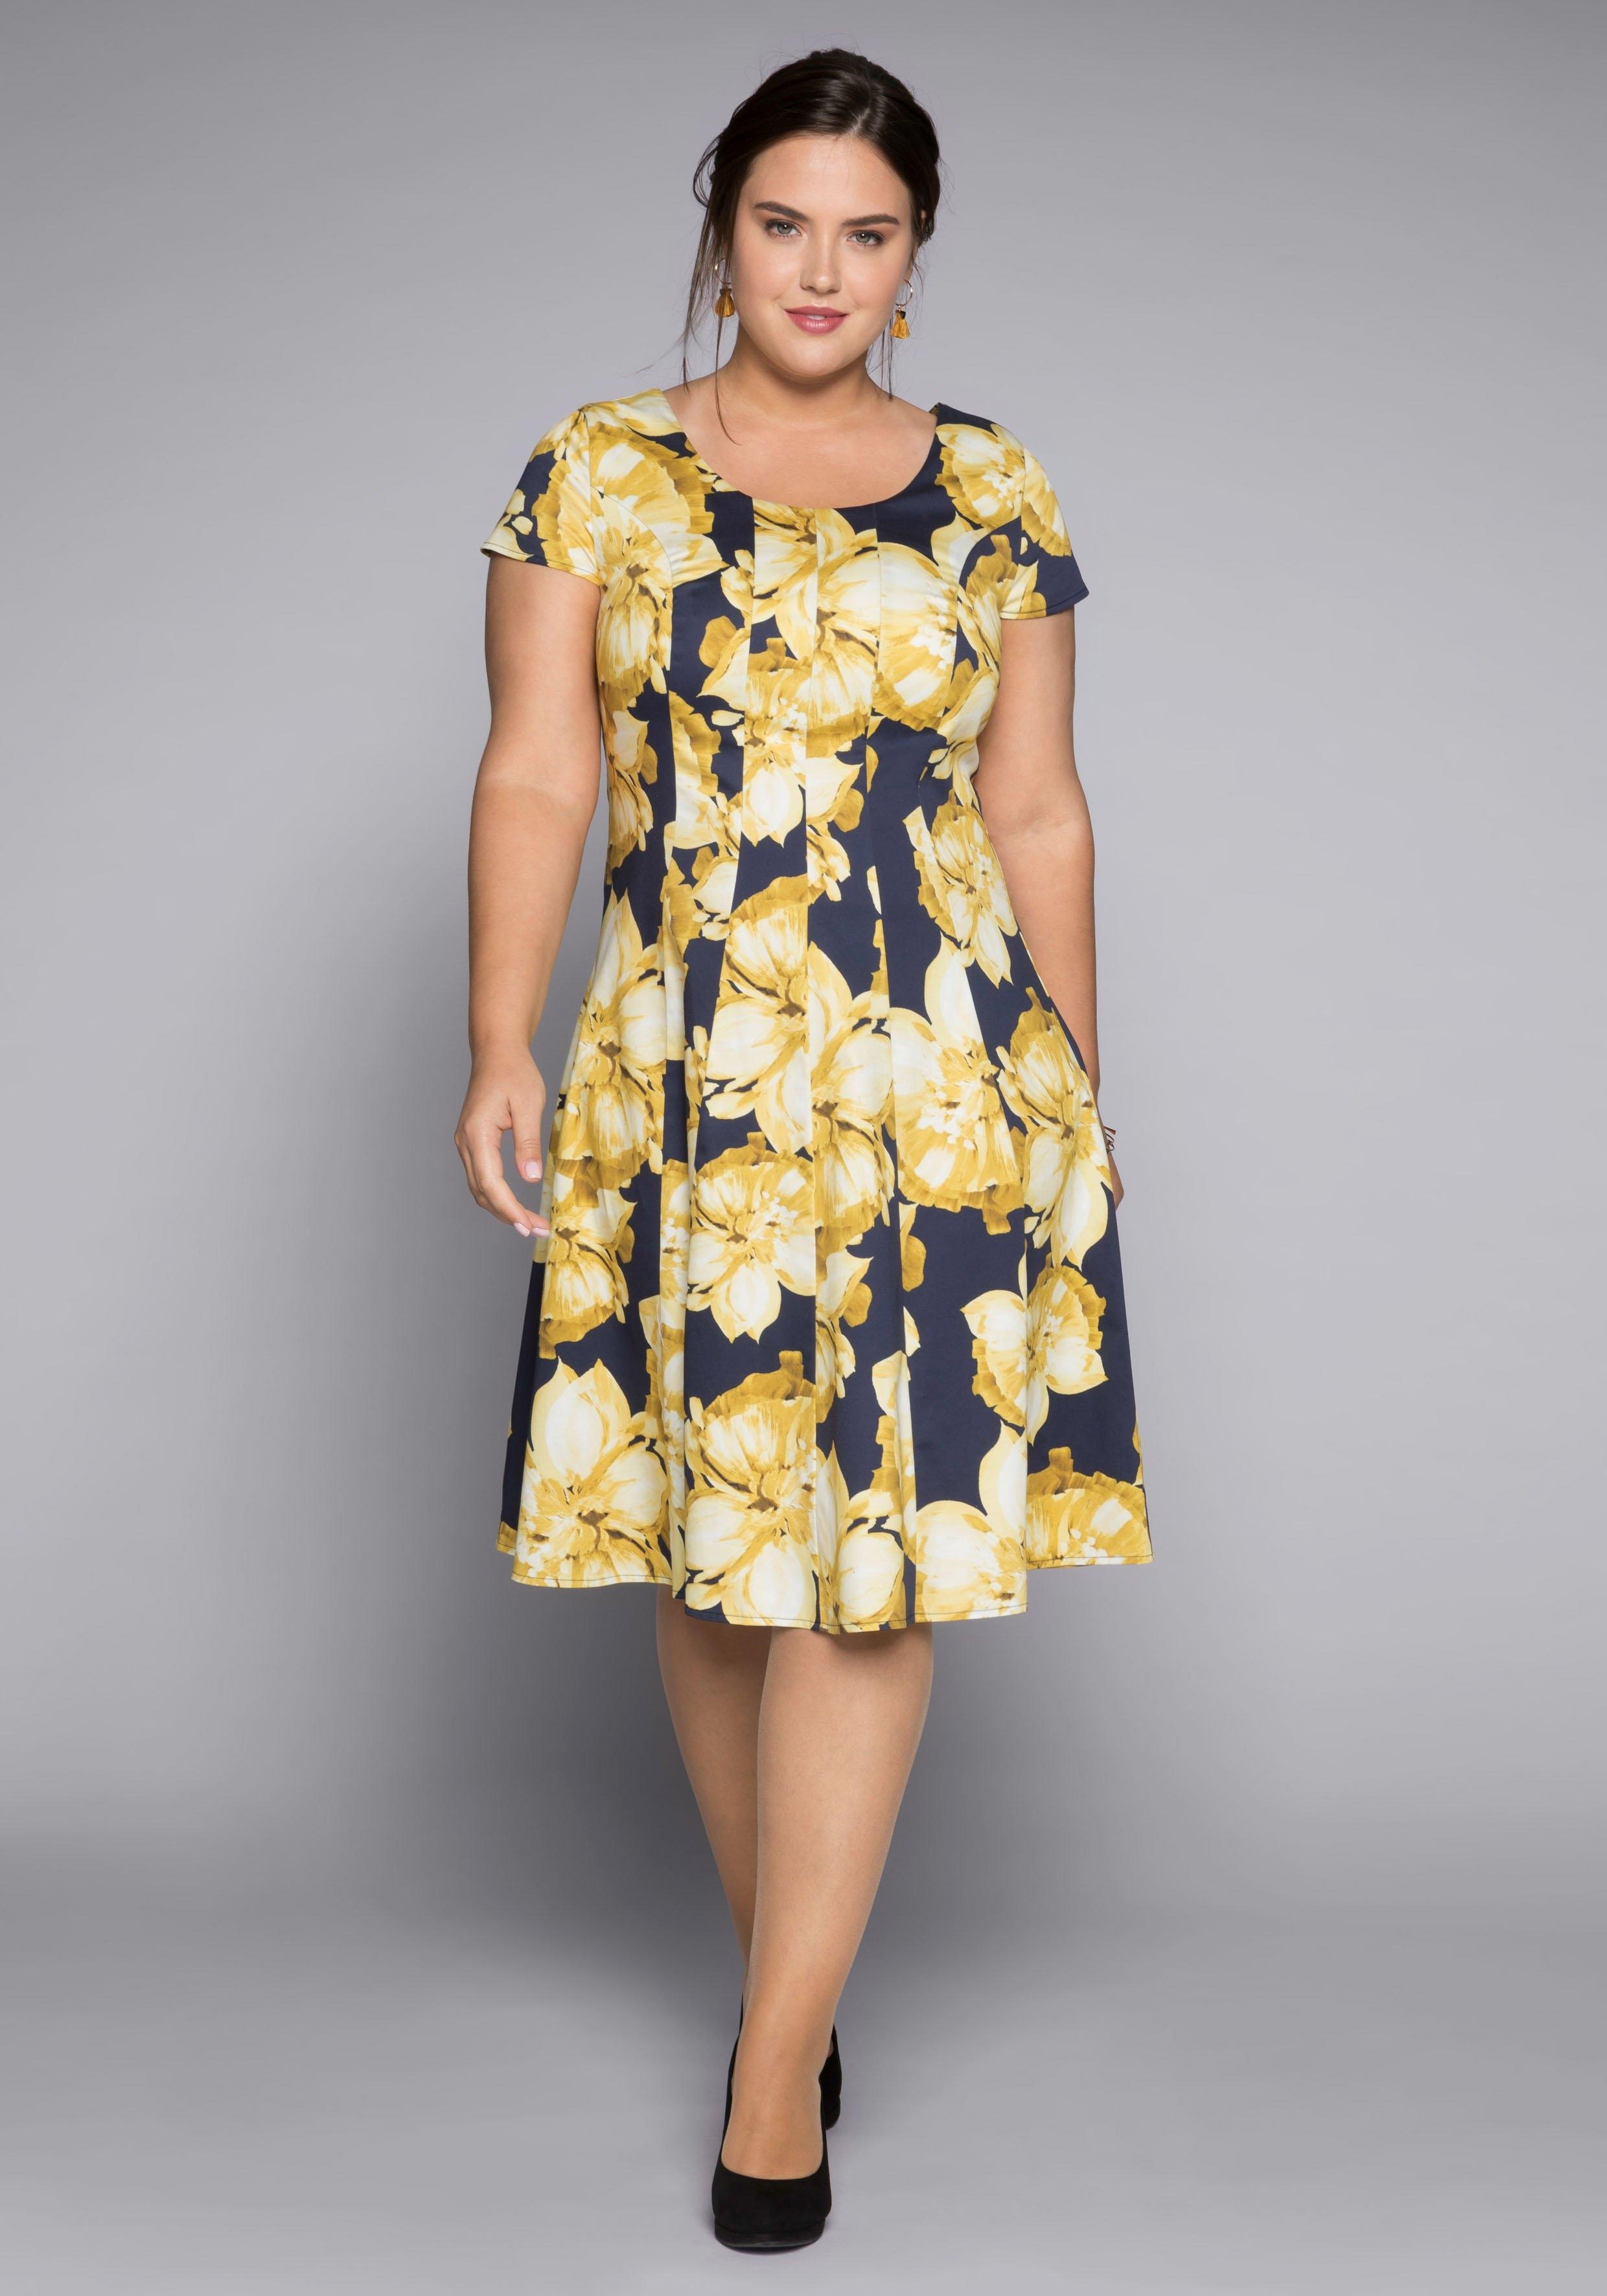 beste goedkoop redelijke prijs details voor A-lijn jurken kopen? Kies uit een gevarieerd aanbod A-lijn ...